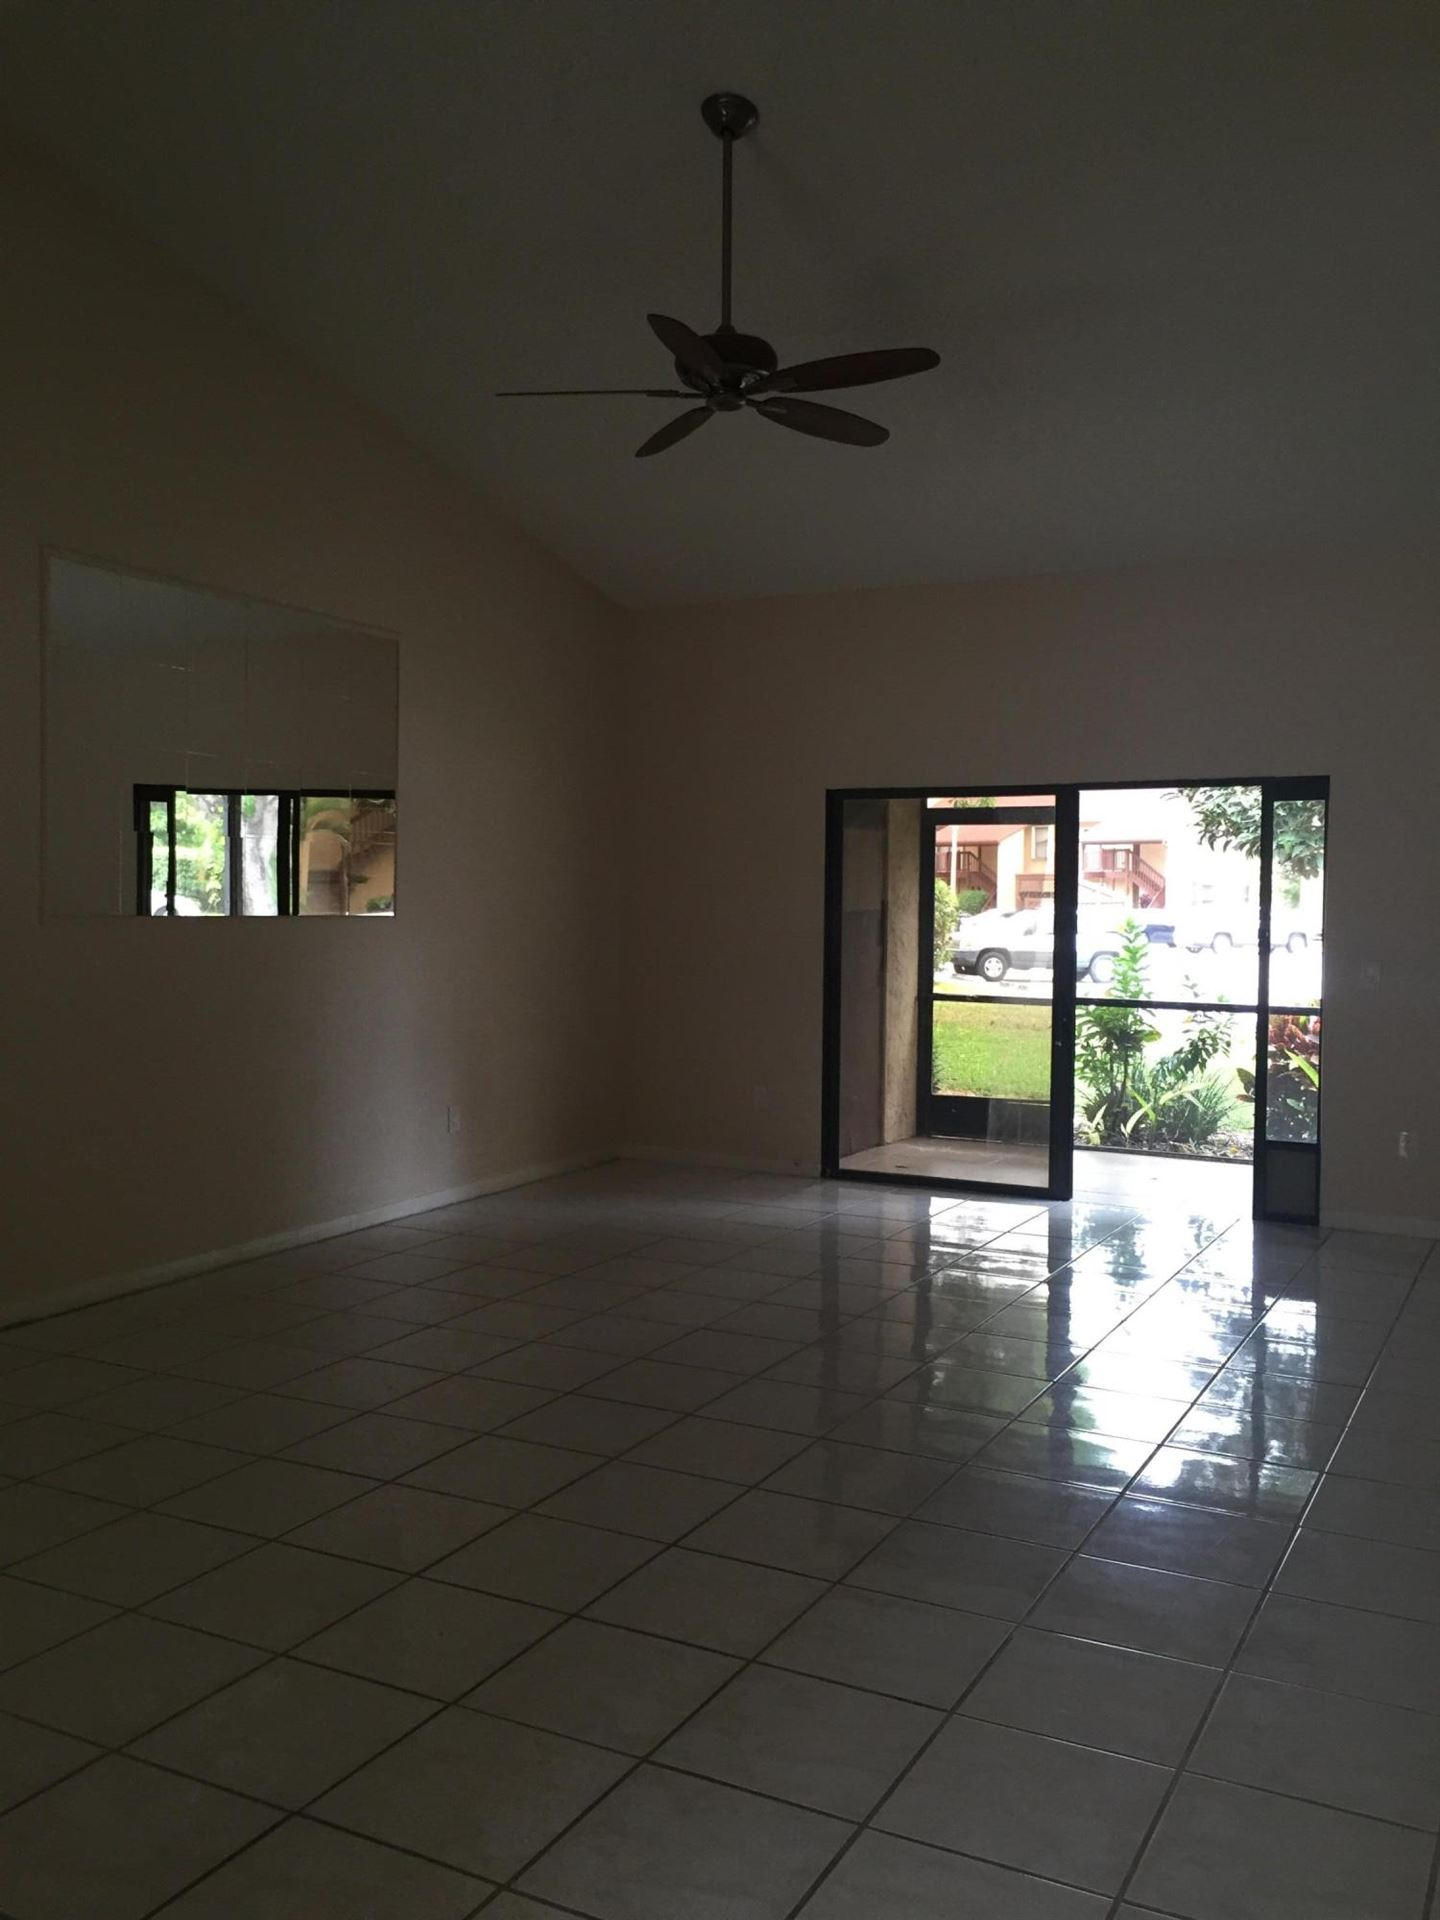 808 Lakeview Circle, Royal Palm Beach, FL 33411 - #: RX-10659384